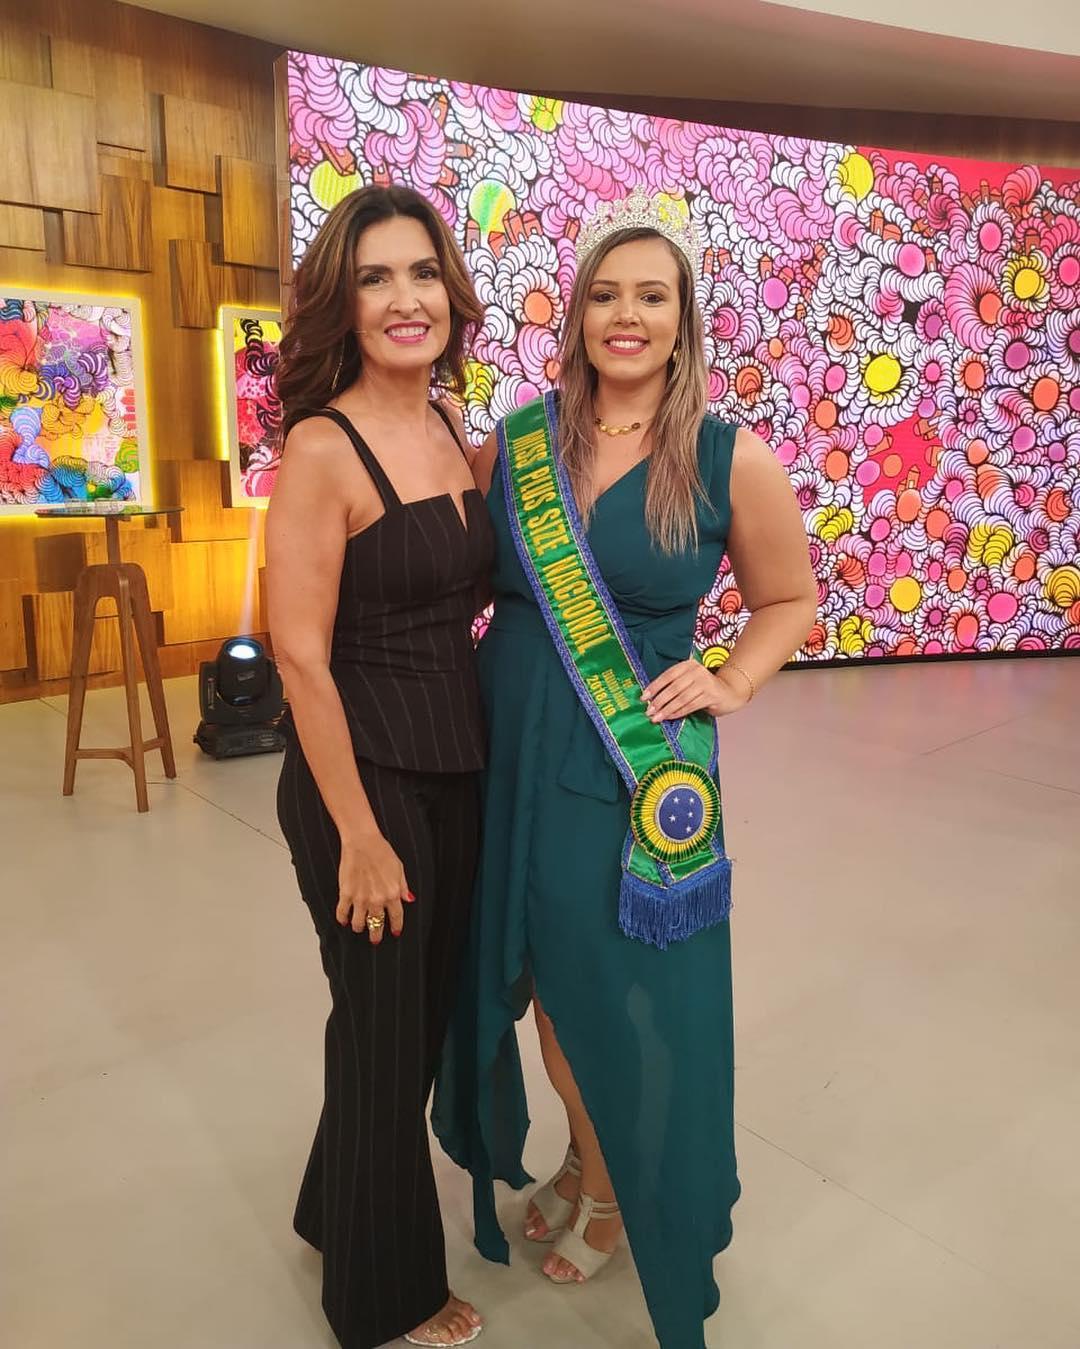 38b218e4f A embaixadora do movimento Plus Size no Ceará, Jaqueline Queiroz, e a  cearense Talita Reis, vendedora do concurso Miss Plus Size Nacional 2018,  estiveram no ...